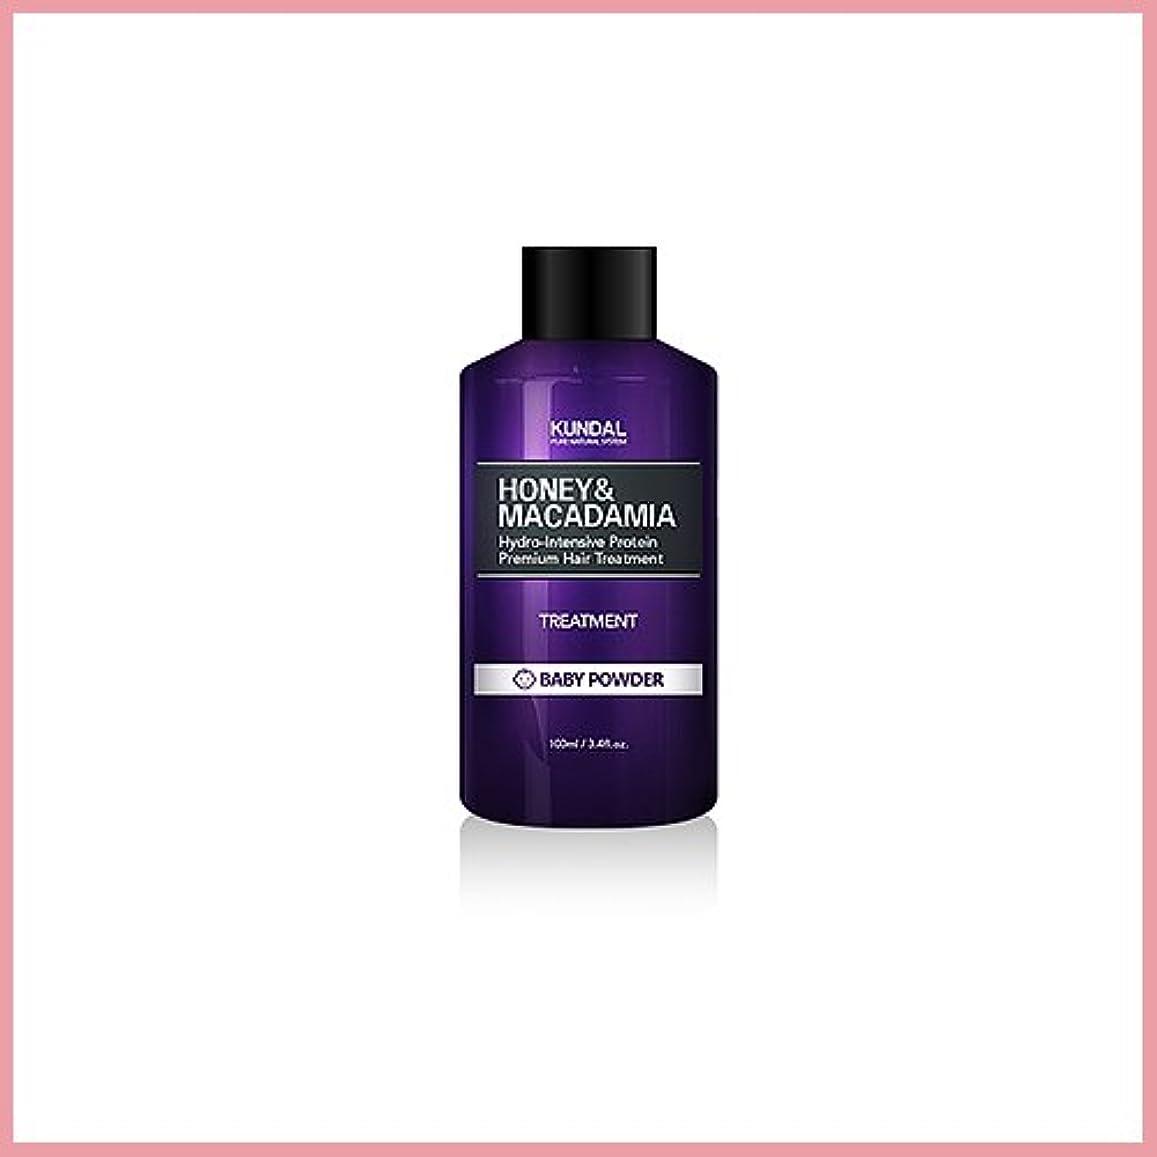 邪魔する木製罰[KUNDAL/クンダル] Kundal Premium Hair Treatment 100ml [2017年韓国満足度1位][TTBEAUTY][韓国コスメ]